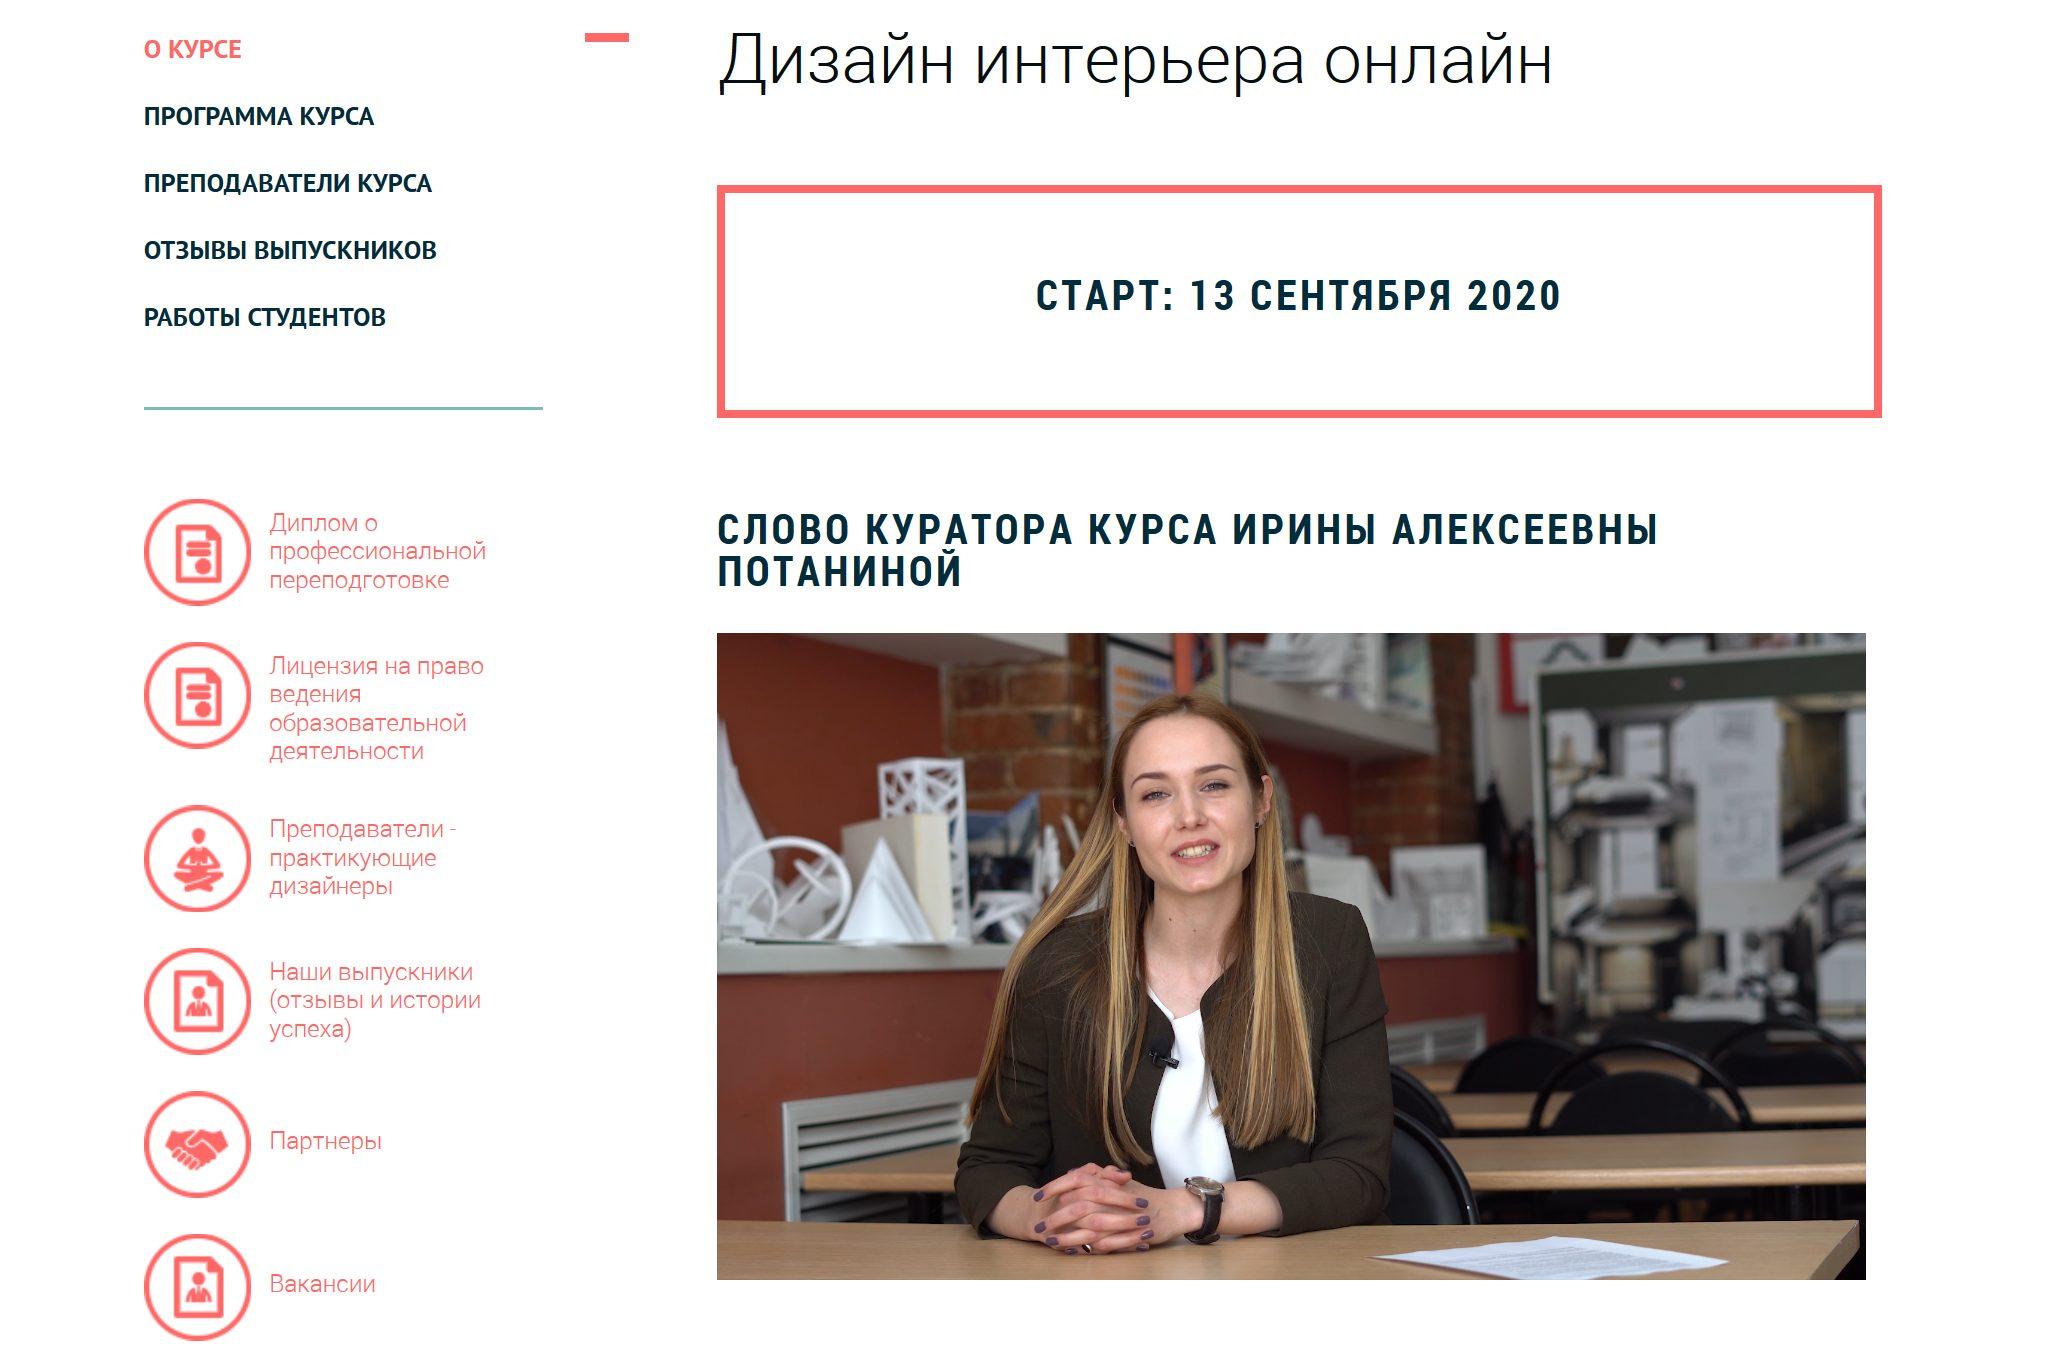 Курсы дизайна интерьера онлайн Современная Школа Дизайна